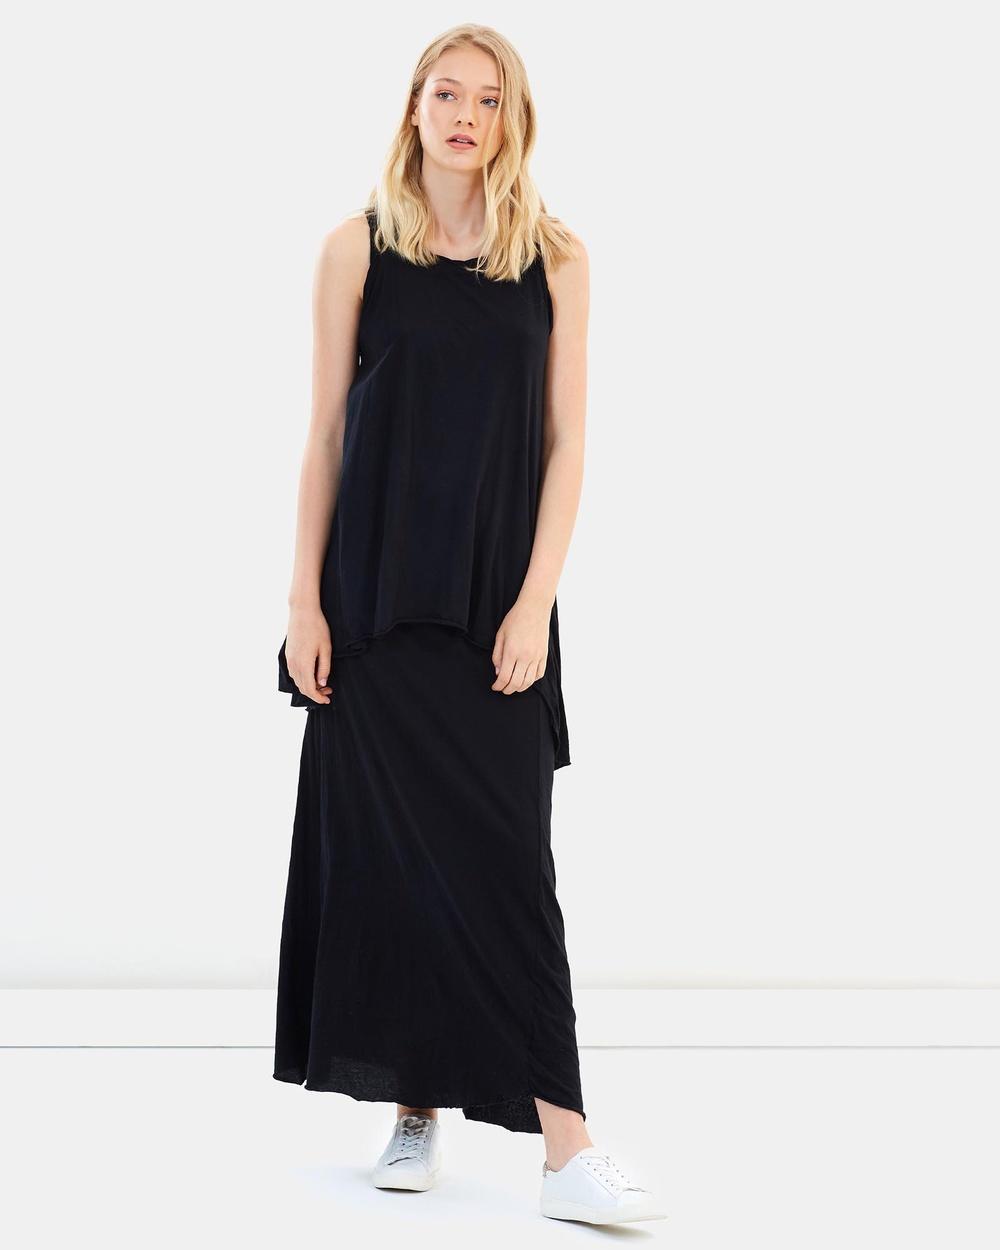 Primness Whisper Long Dress Dresses Black Whisper Long Dress